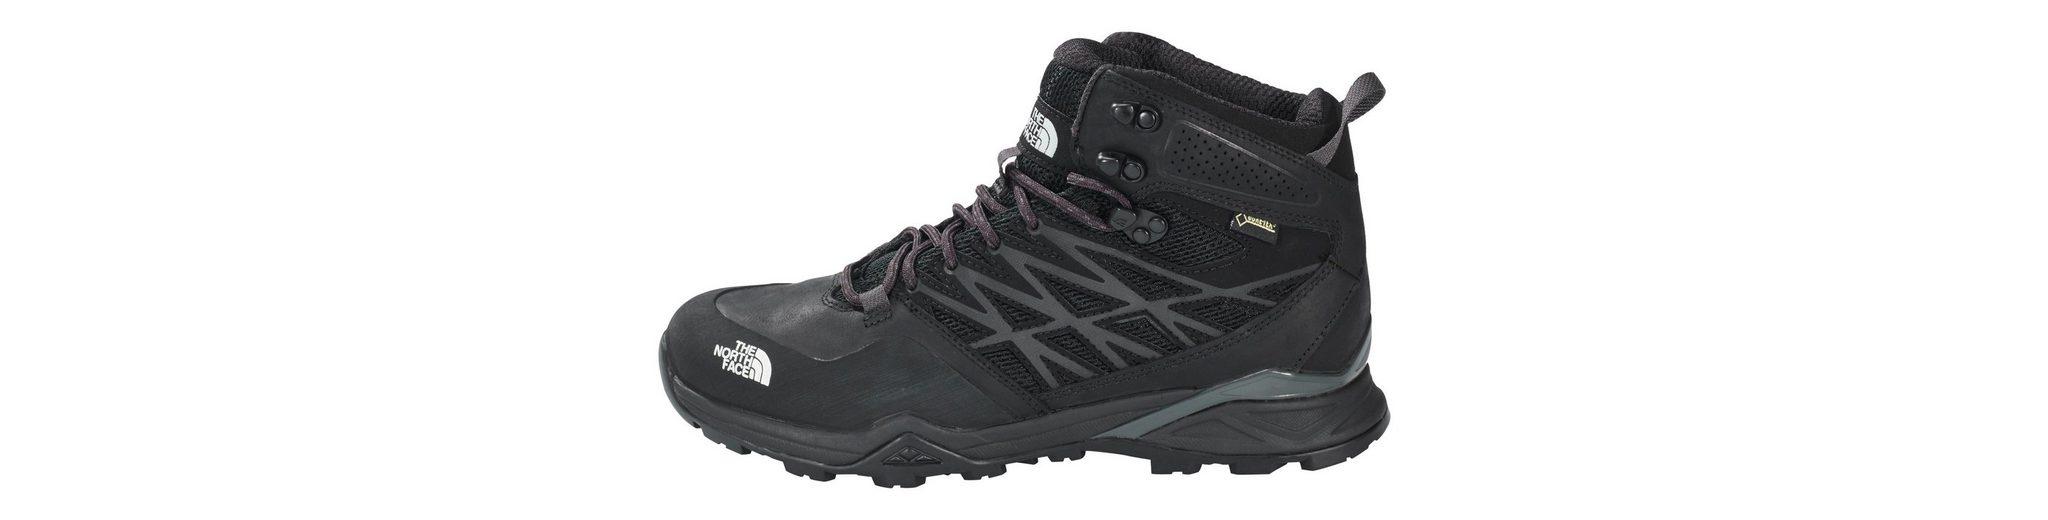 The North Face Kletterschuh Hedgehog Hike Mid GTX Shoes Men Auslass Wiki Verkauf Besten Platz 9wNUu